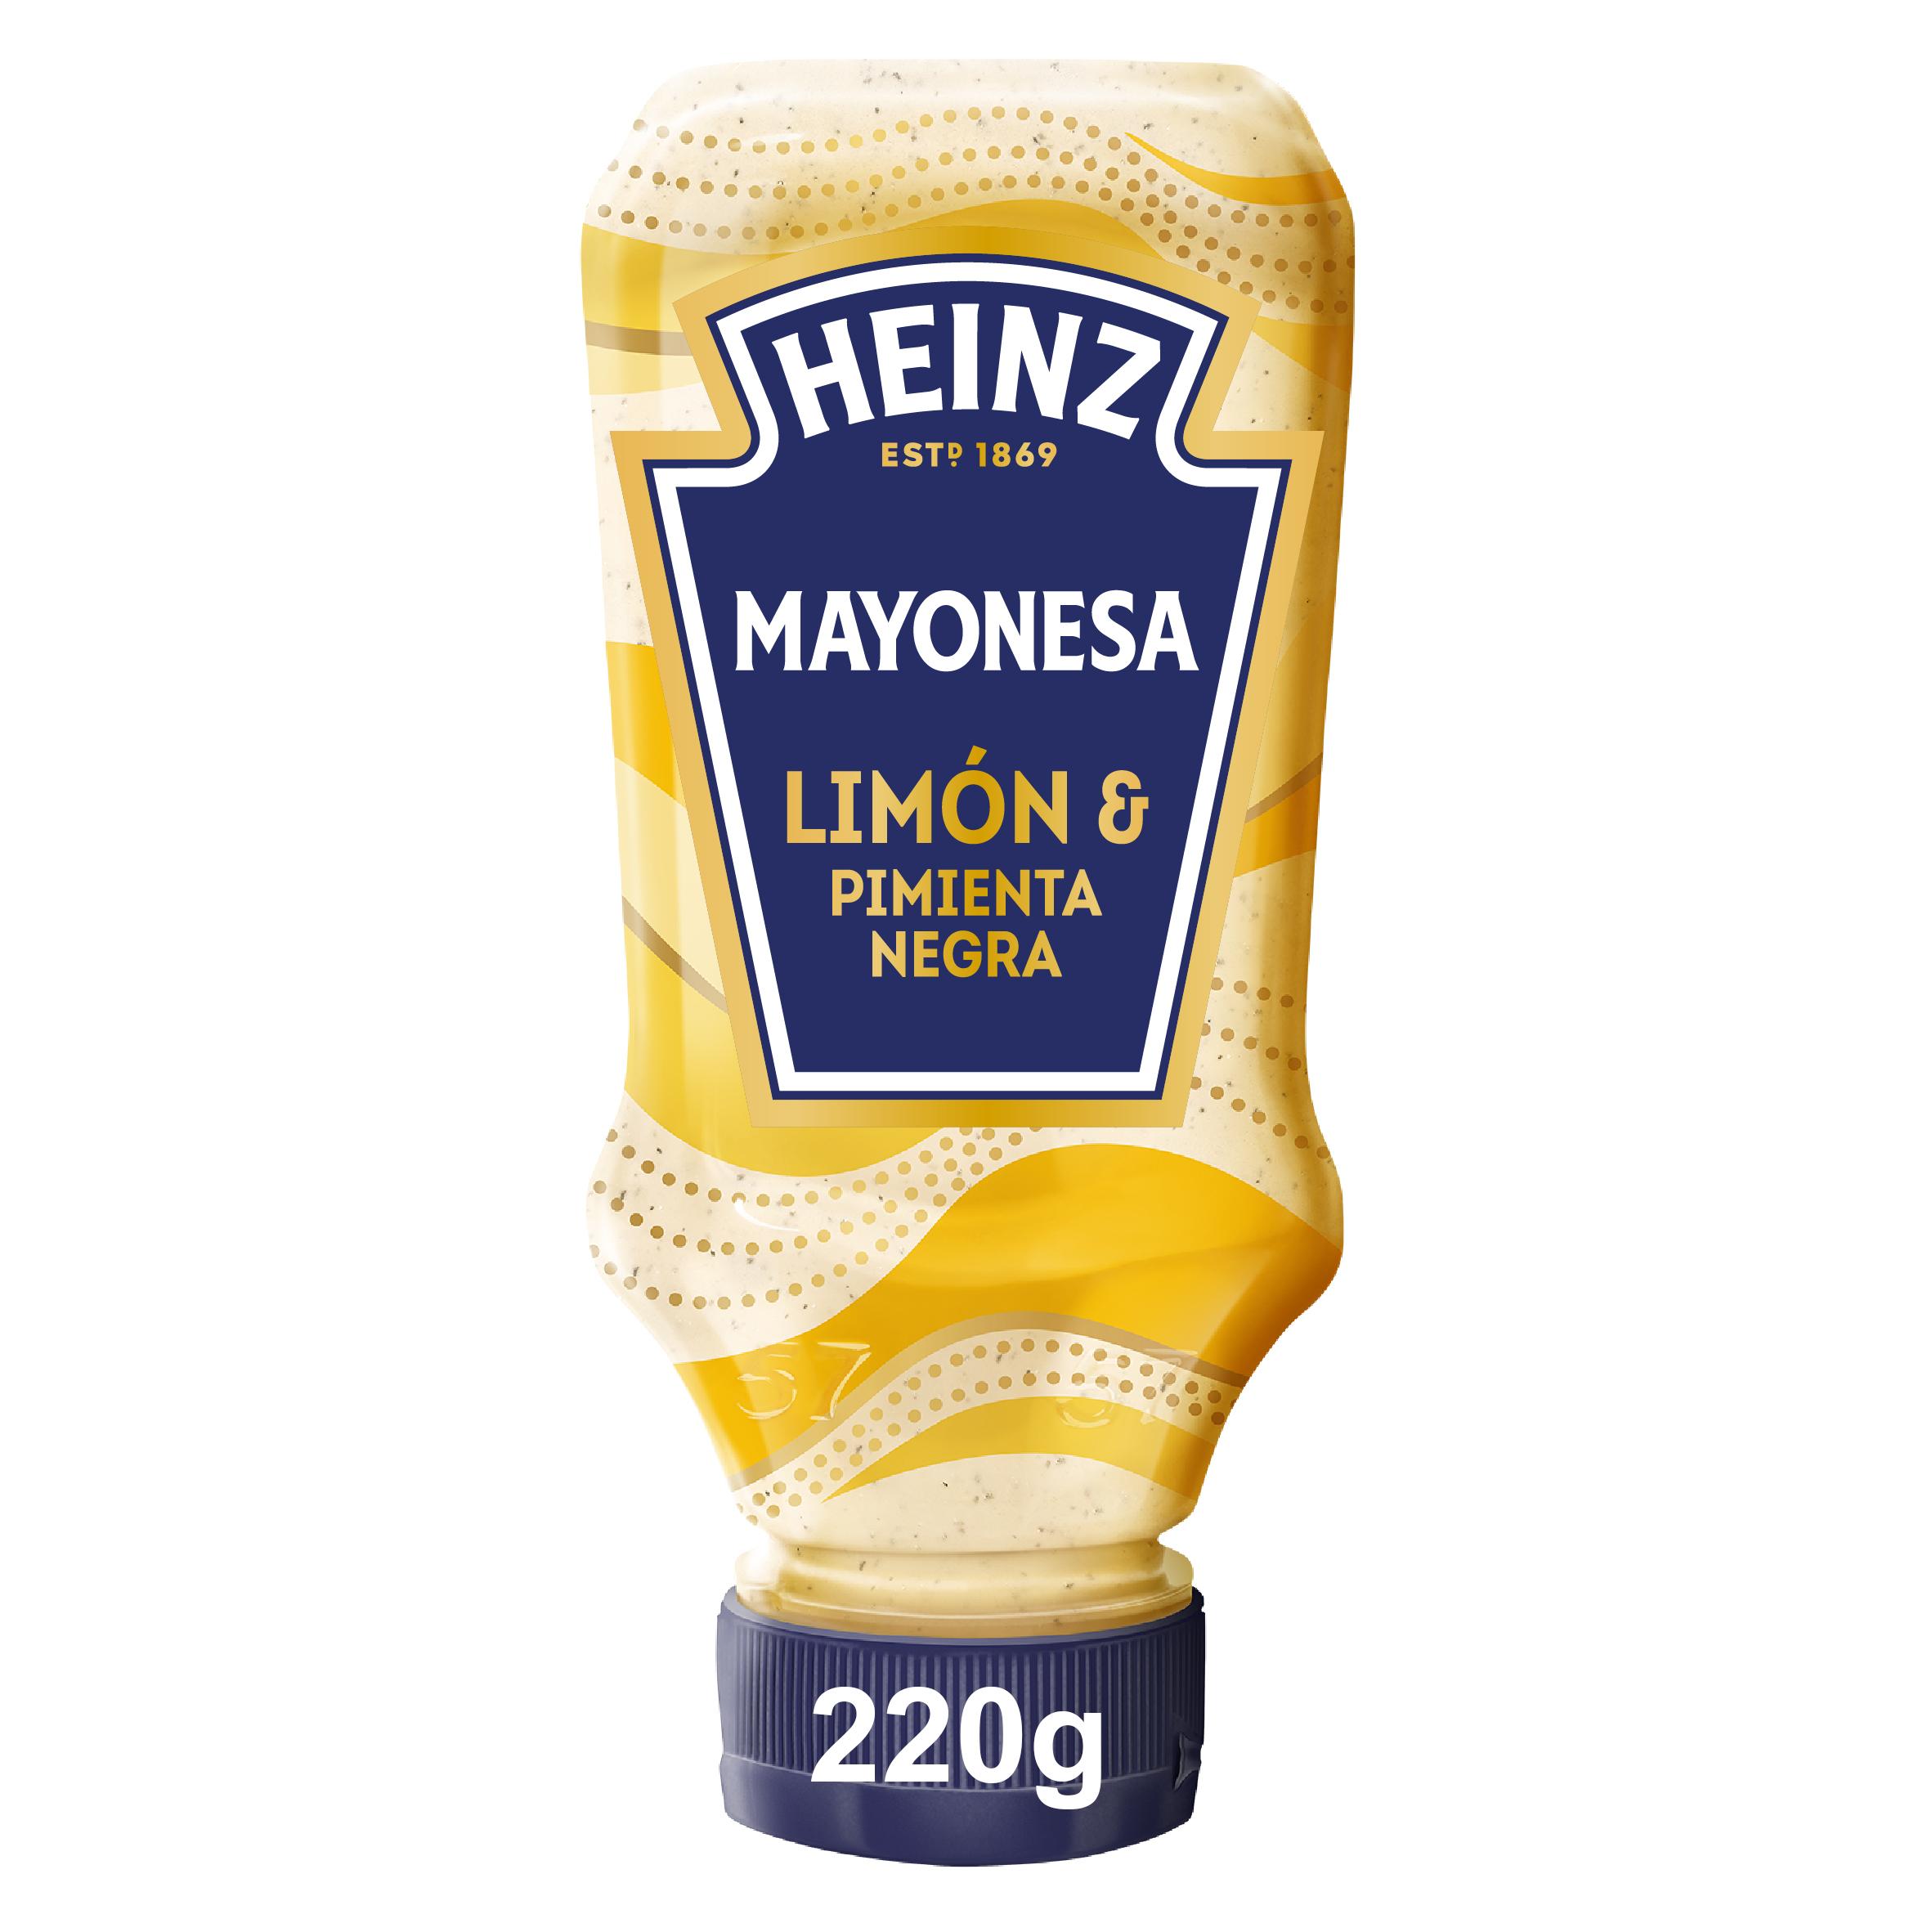 Heinz Mayonesa de Limón & Pimienta Negra 220ml image